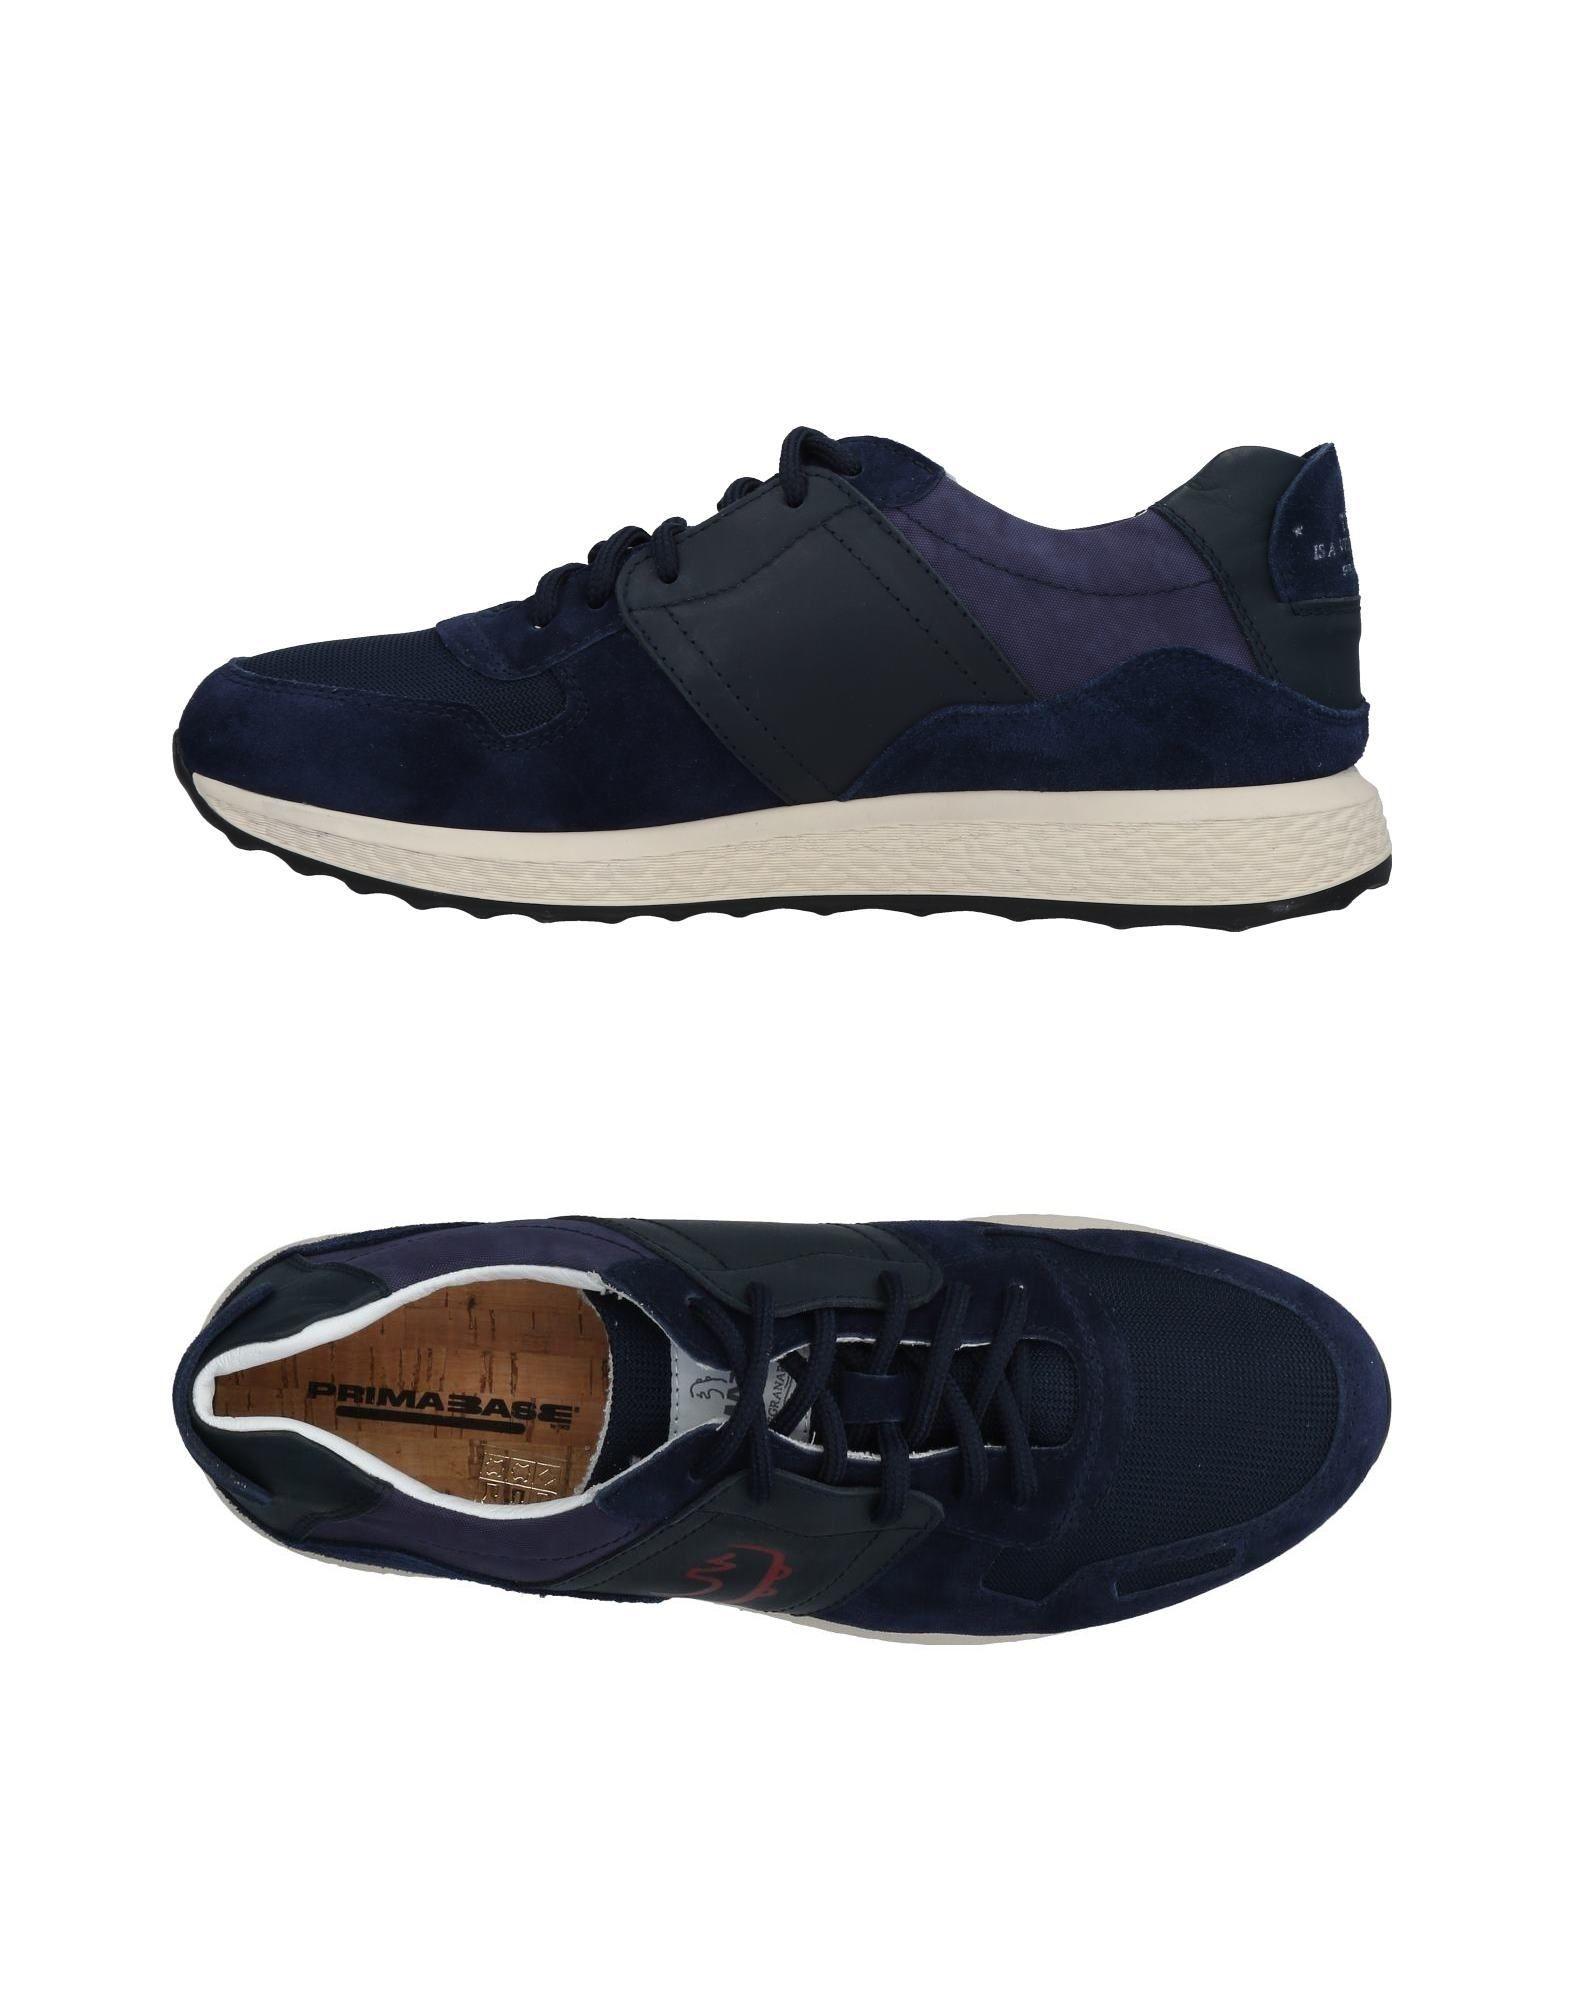 Rabatt echte Schuhe Herren Primabase Sneakers Herren Schuhe  11474020EV ba9b35